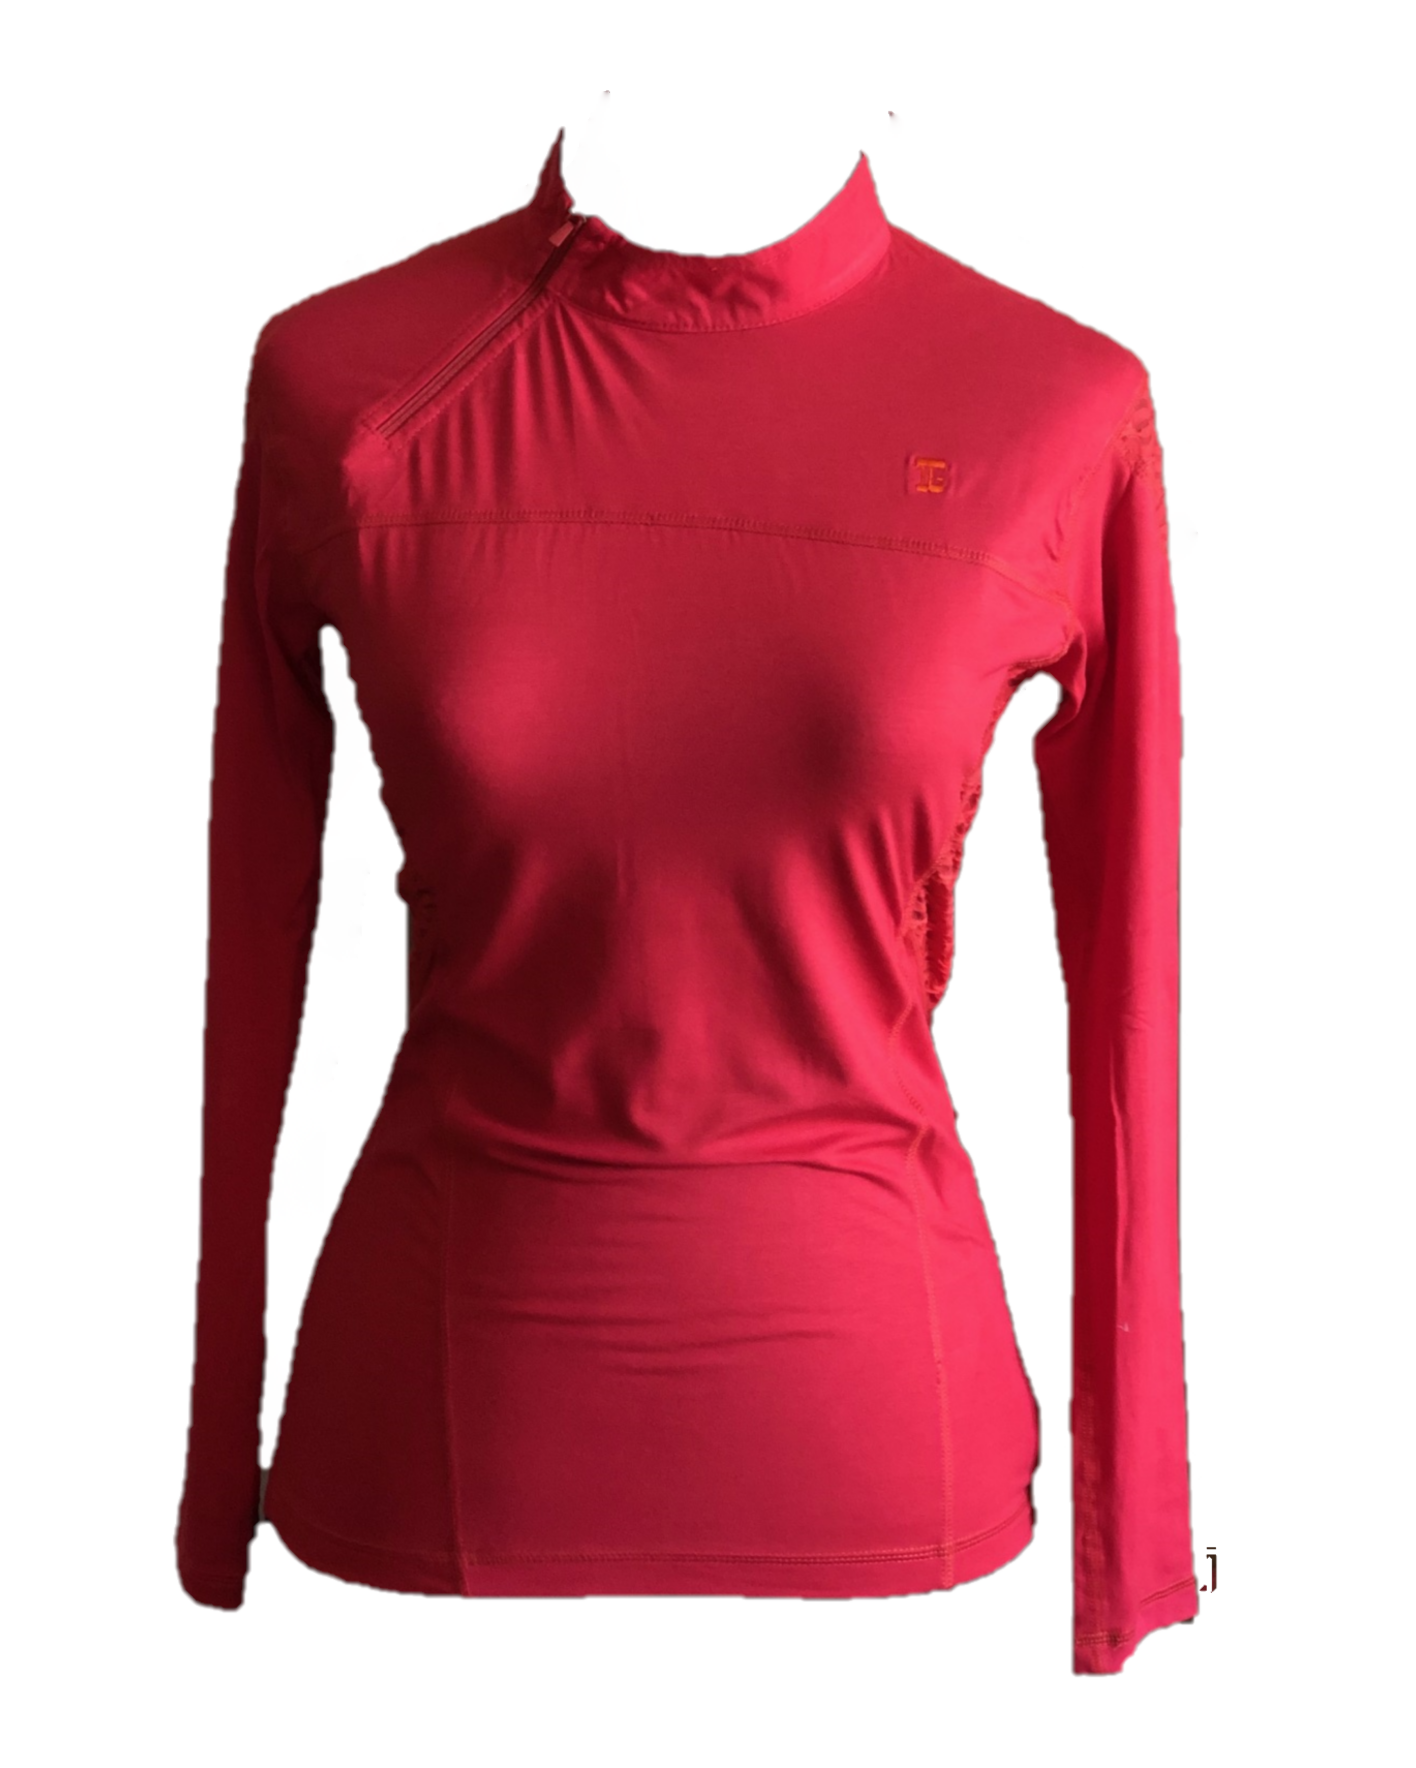 LT-071B || Ladies Top Dark Orange/Pink Angel Zip Round Neck